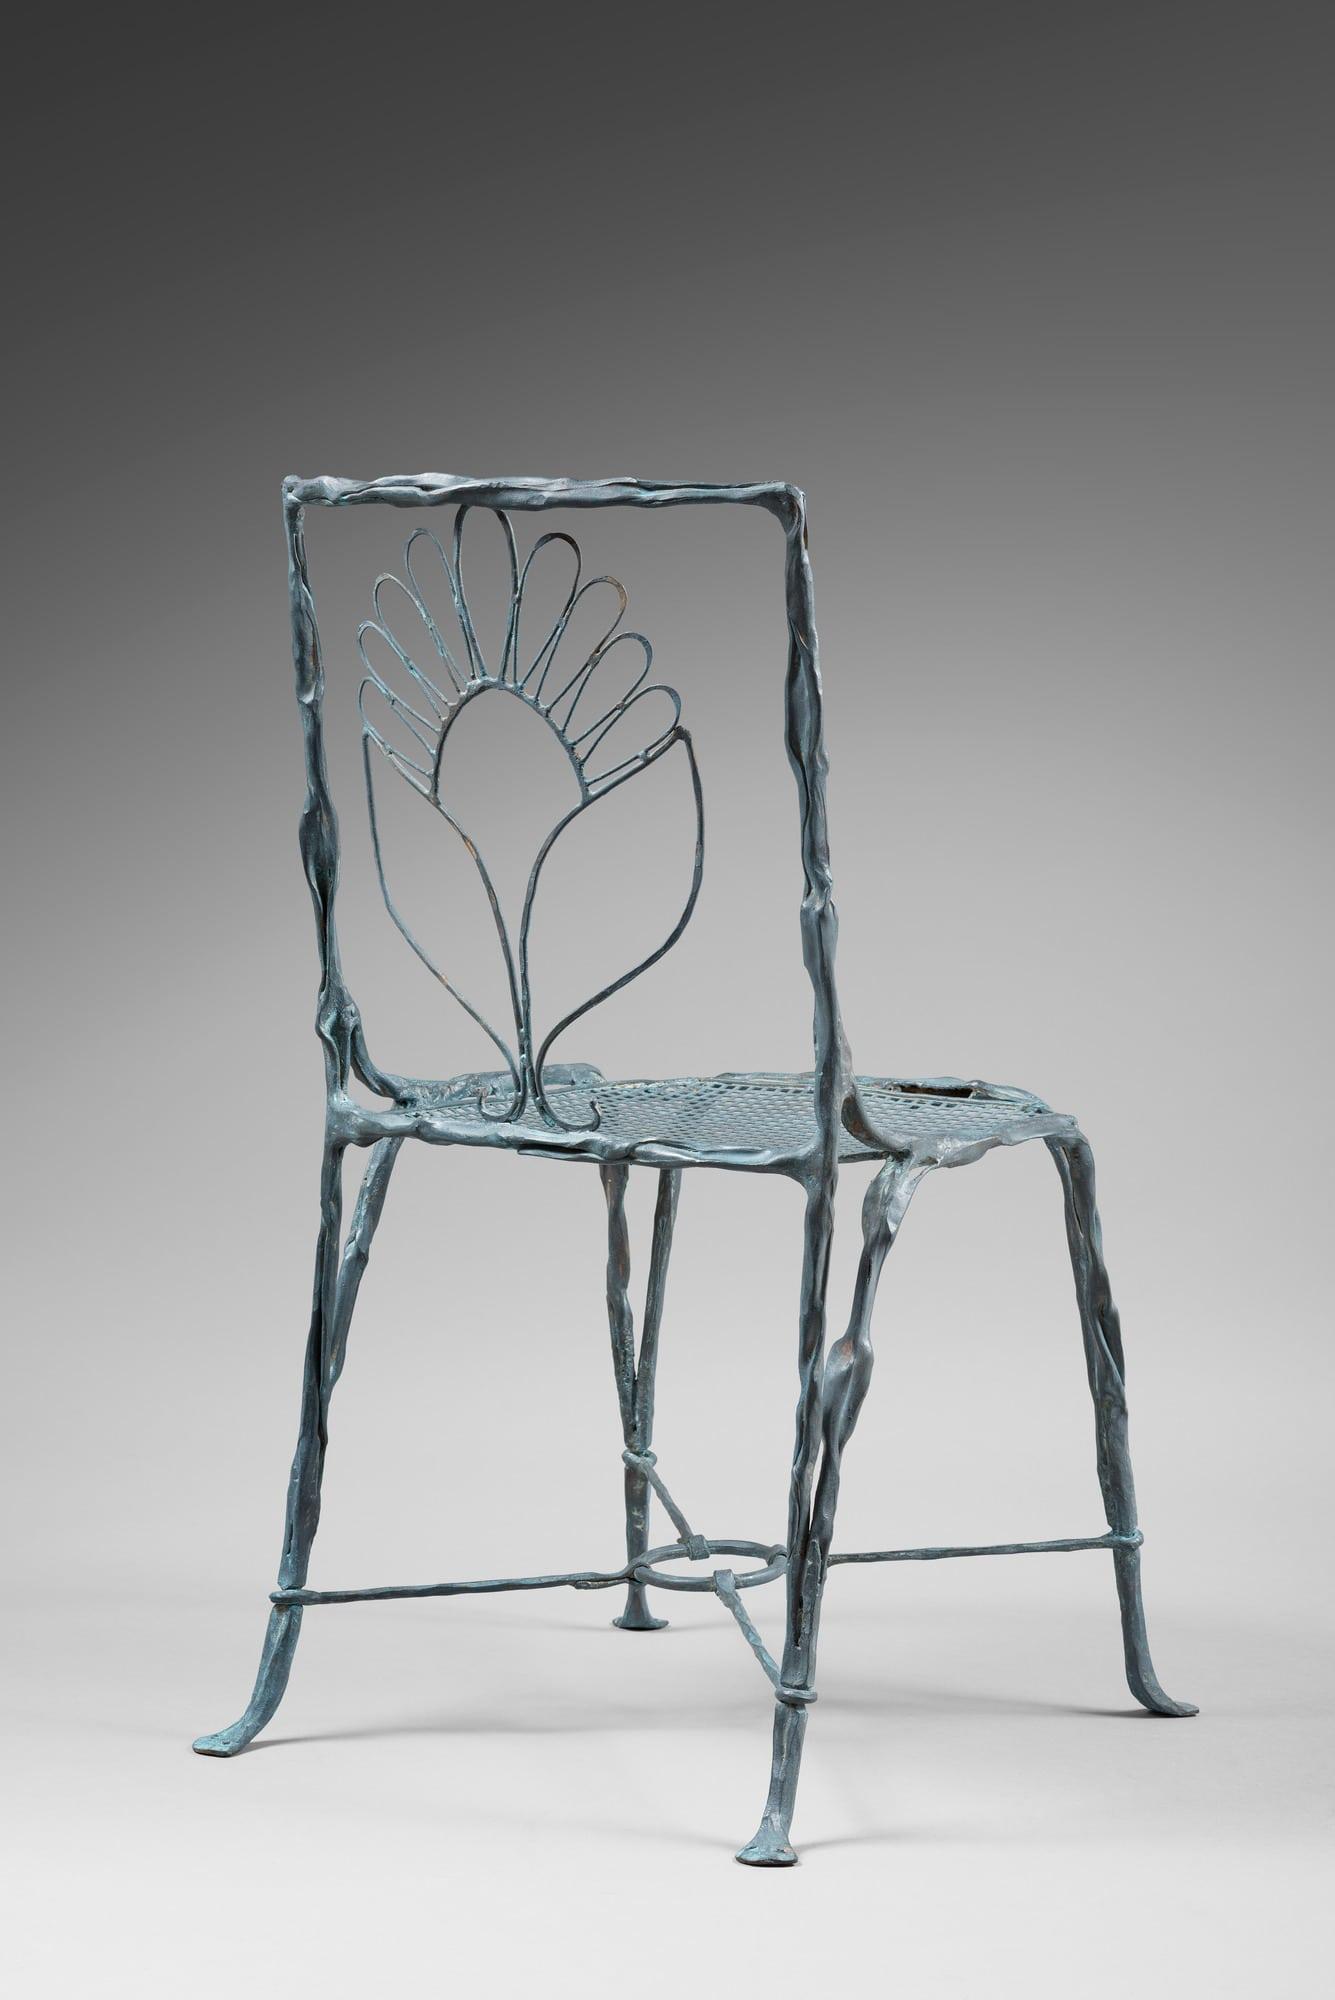 Suite de quatre chaises organiques, vue 02